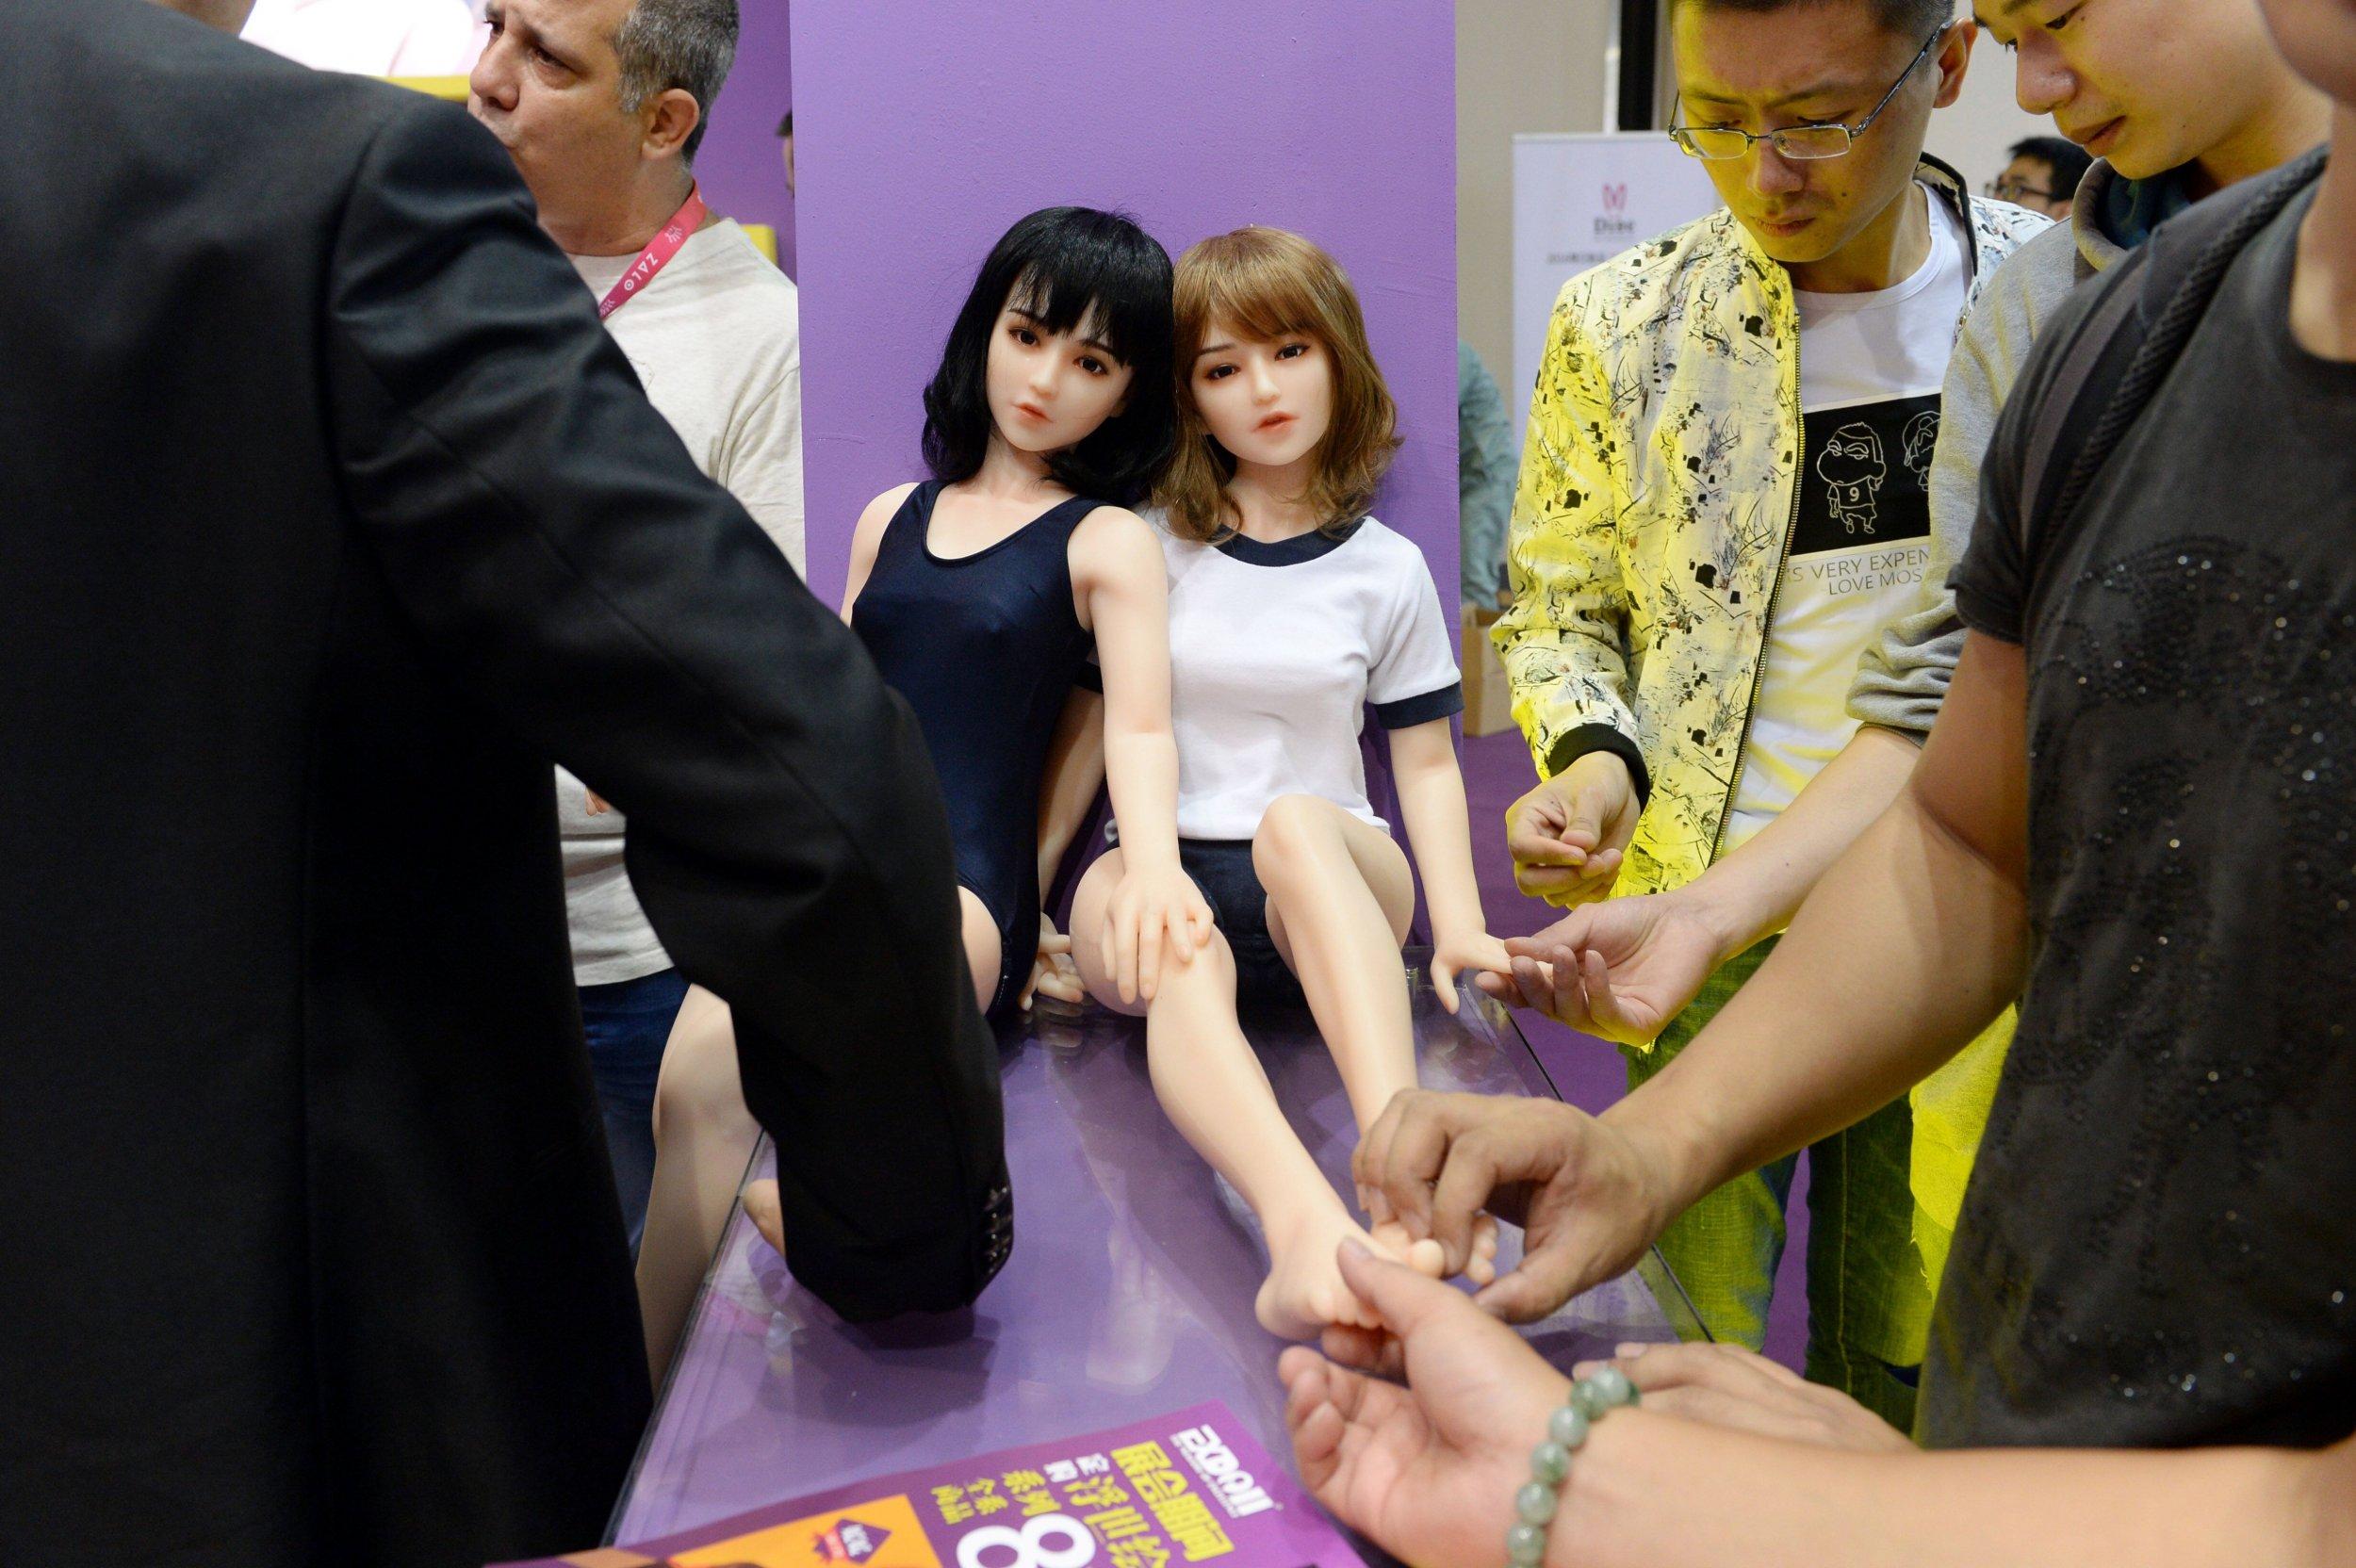 09_20_China_SexDolls